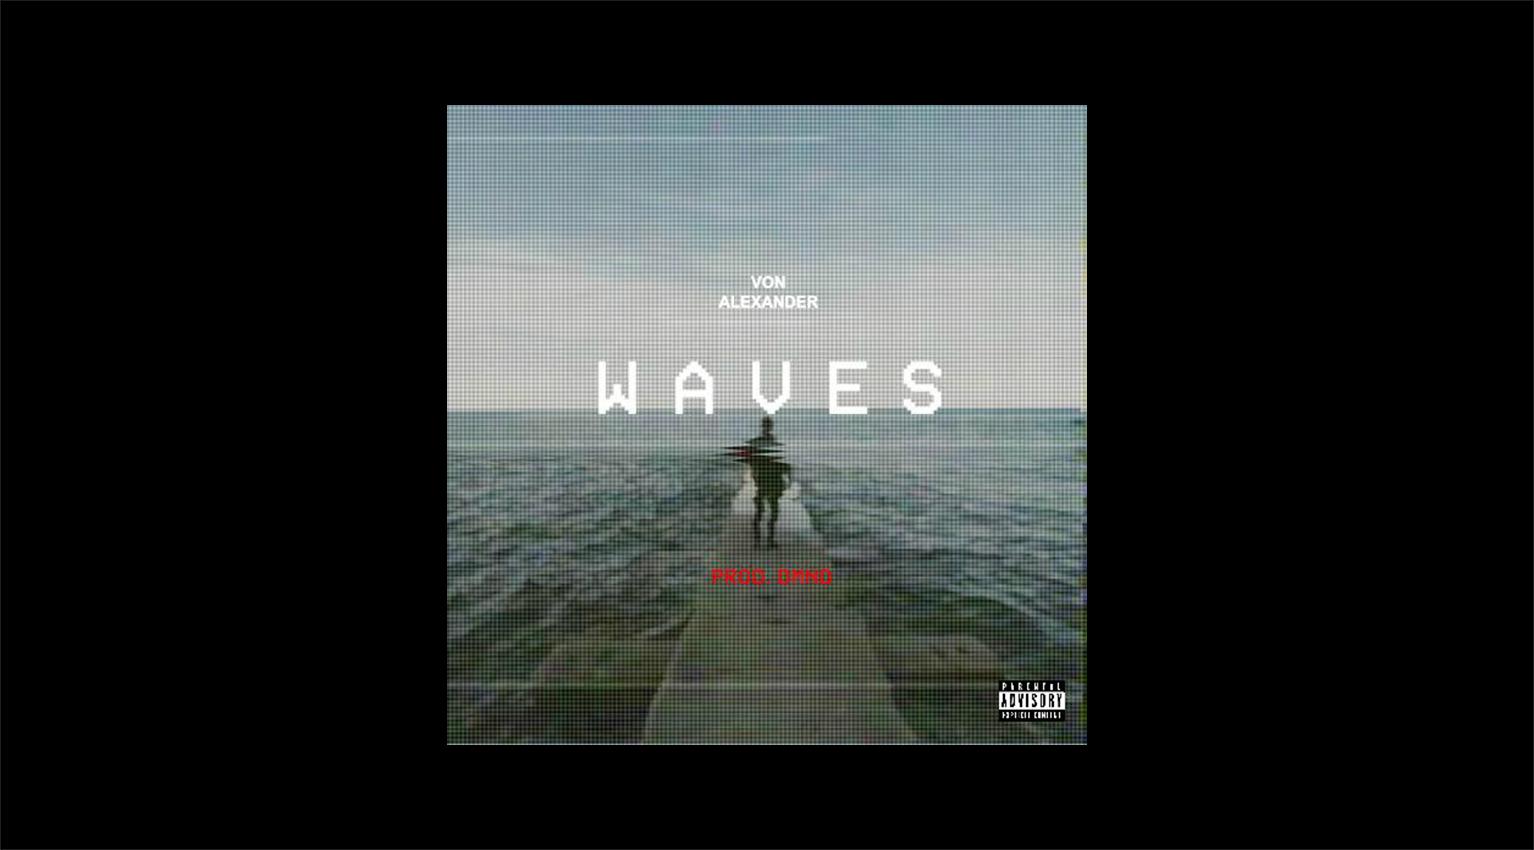 Von-Alexander-Waves